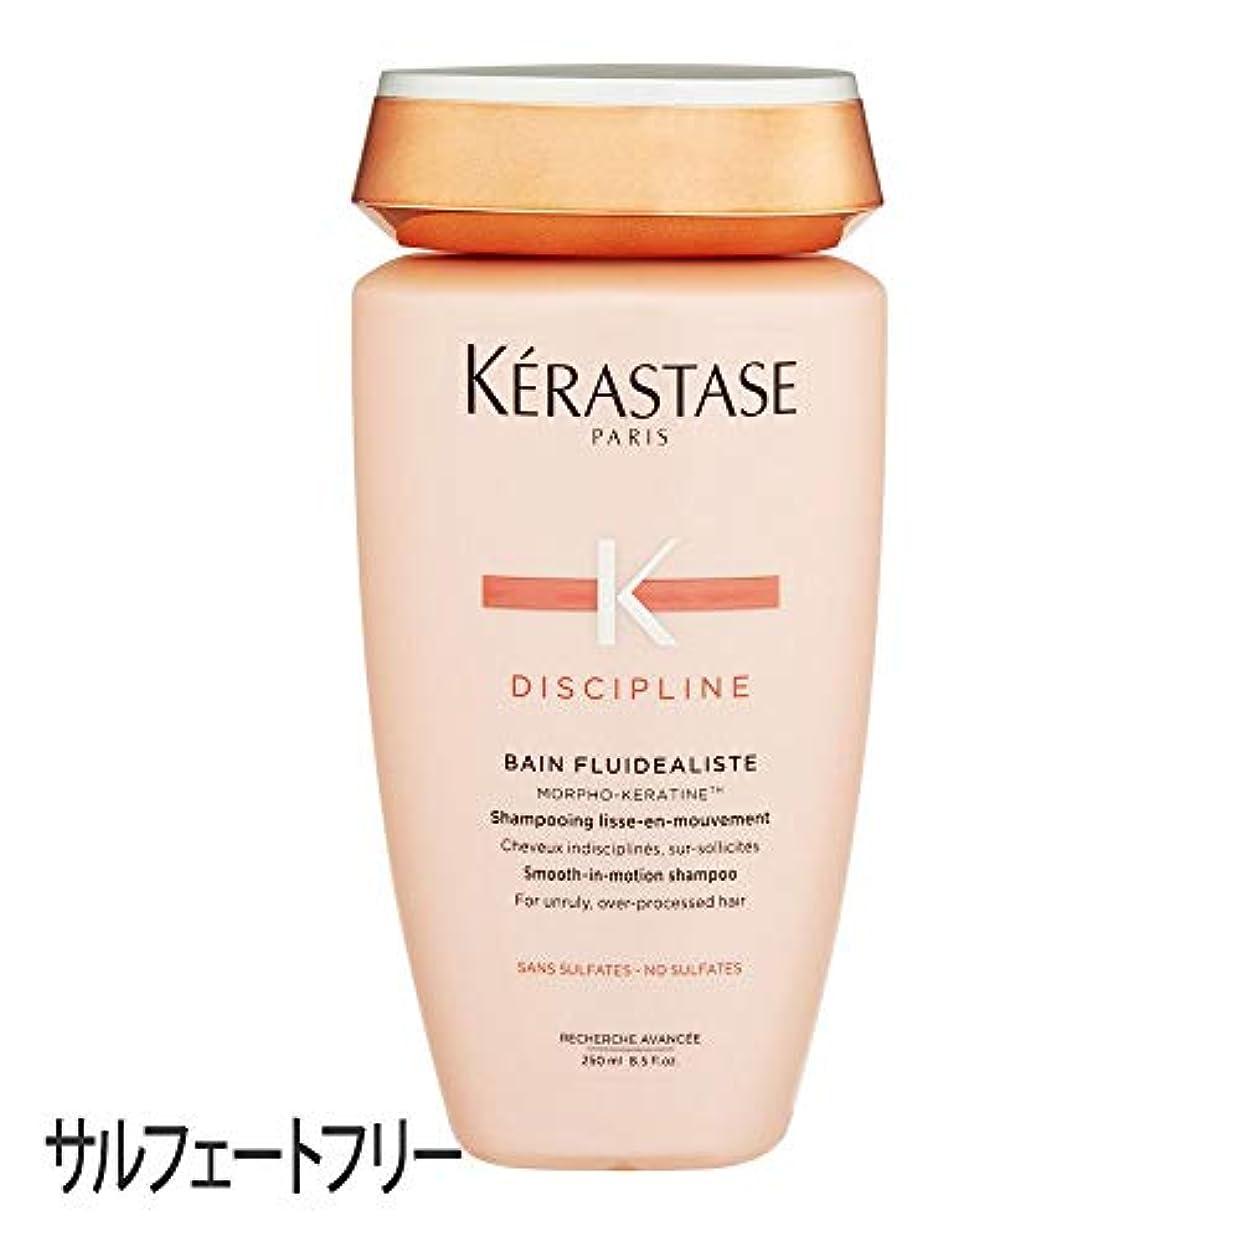 操作可能共和党反映するKerastase Discipline Bain Fluidealiste Shampoo 250ml [並行輸入品]